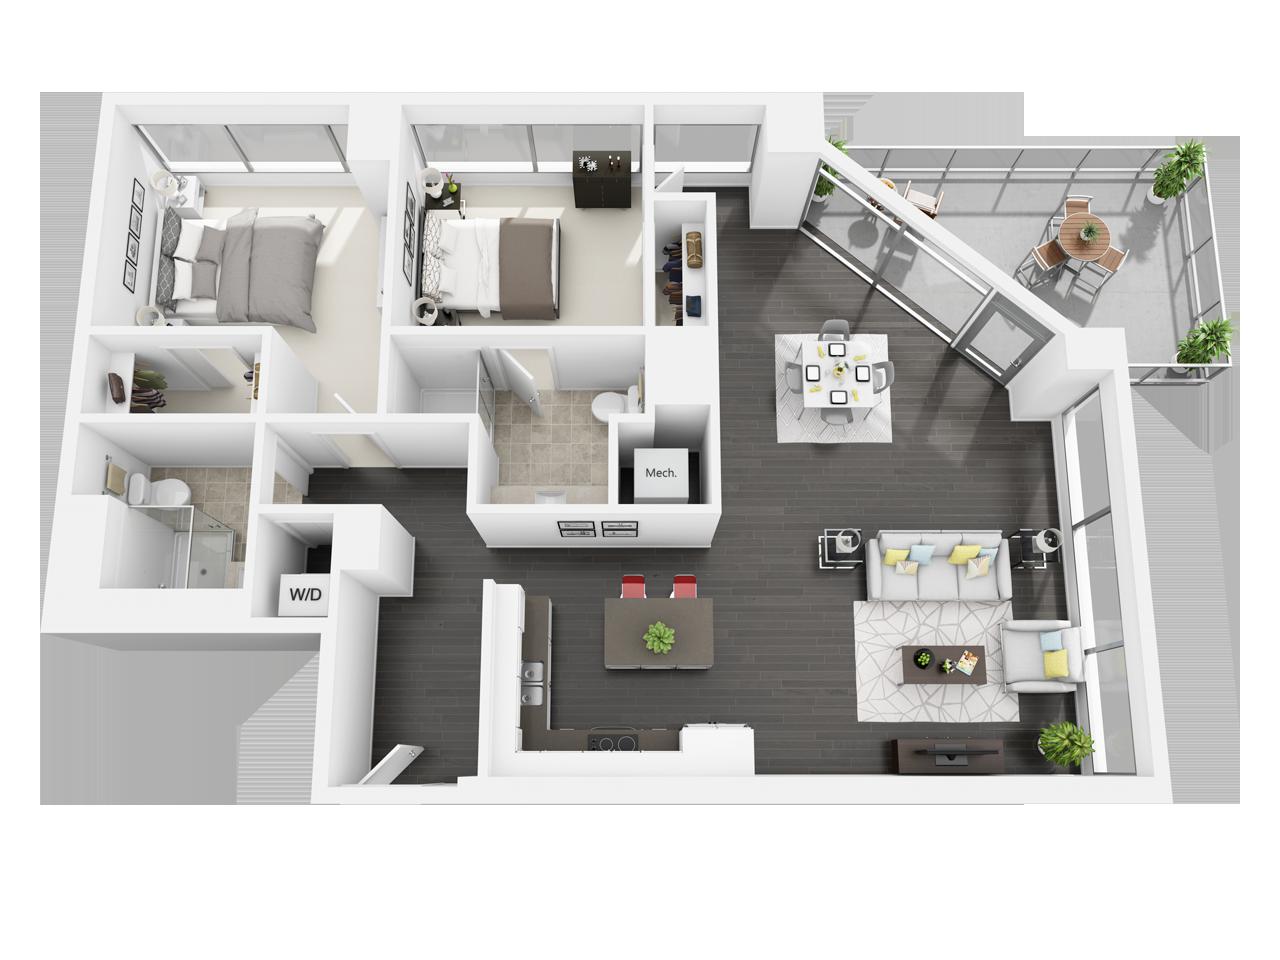 Plano de apartamento con 2 habitaciones y dos baños asimétrico